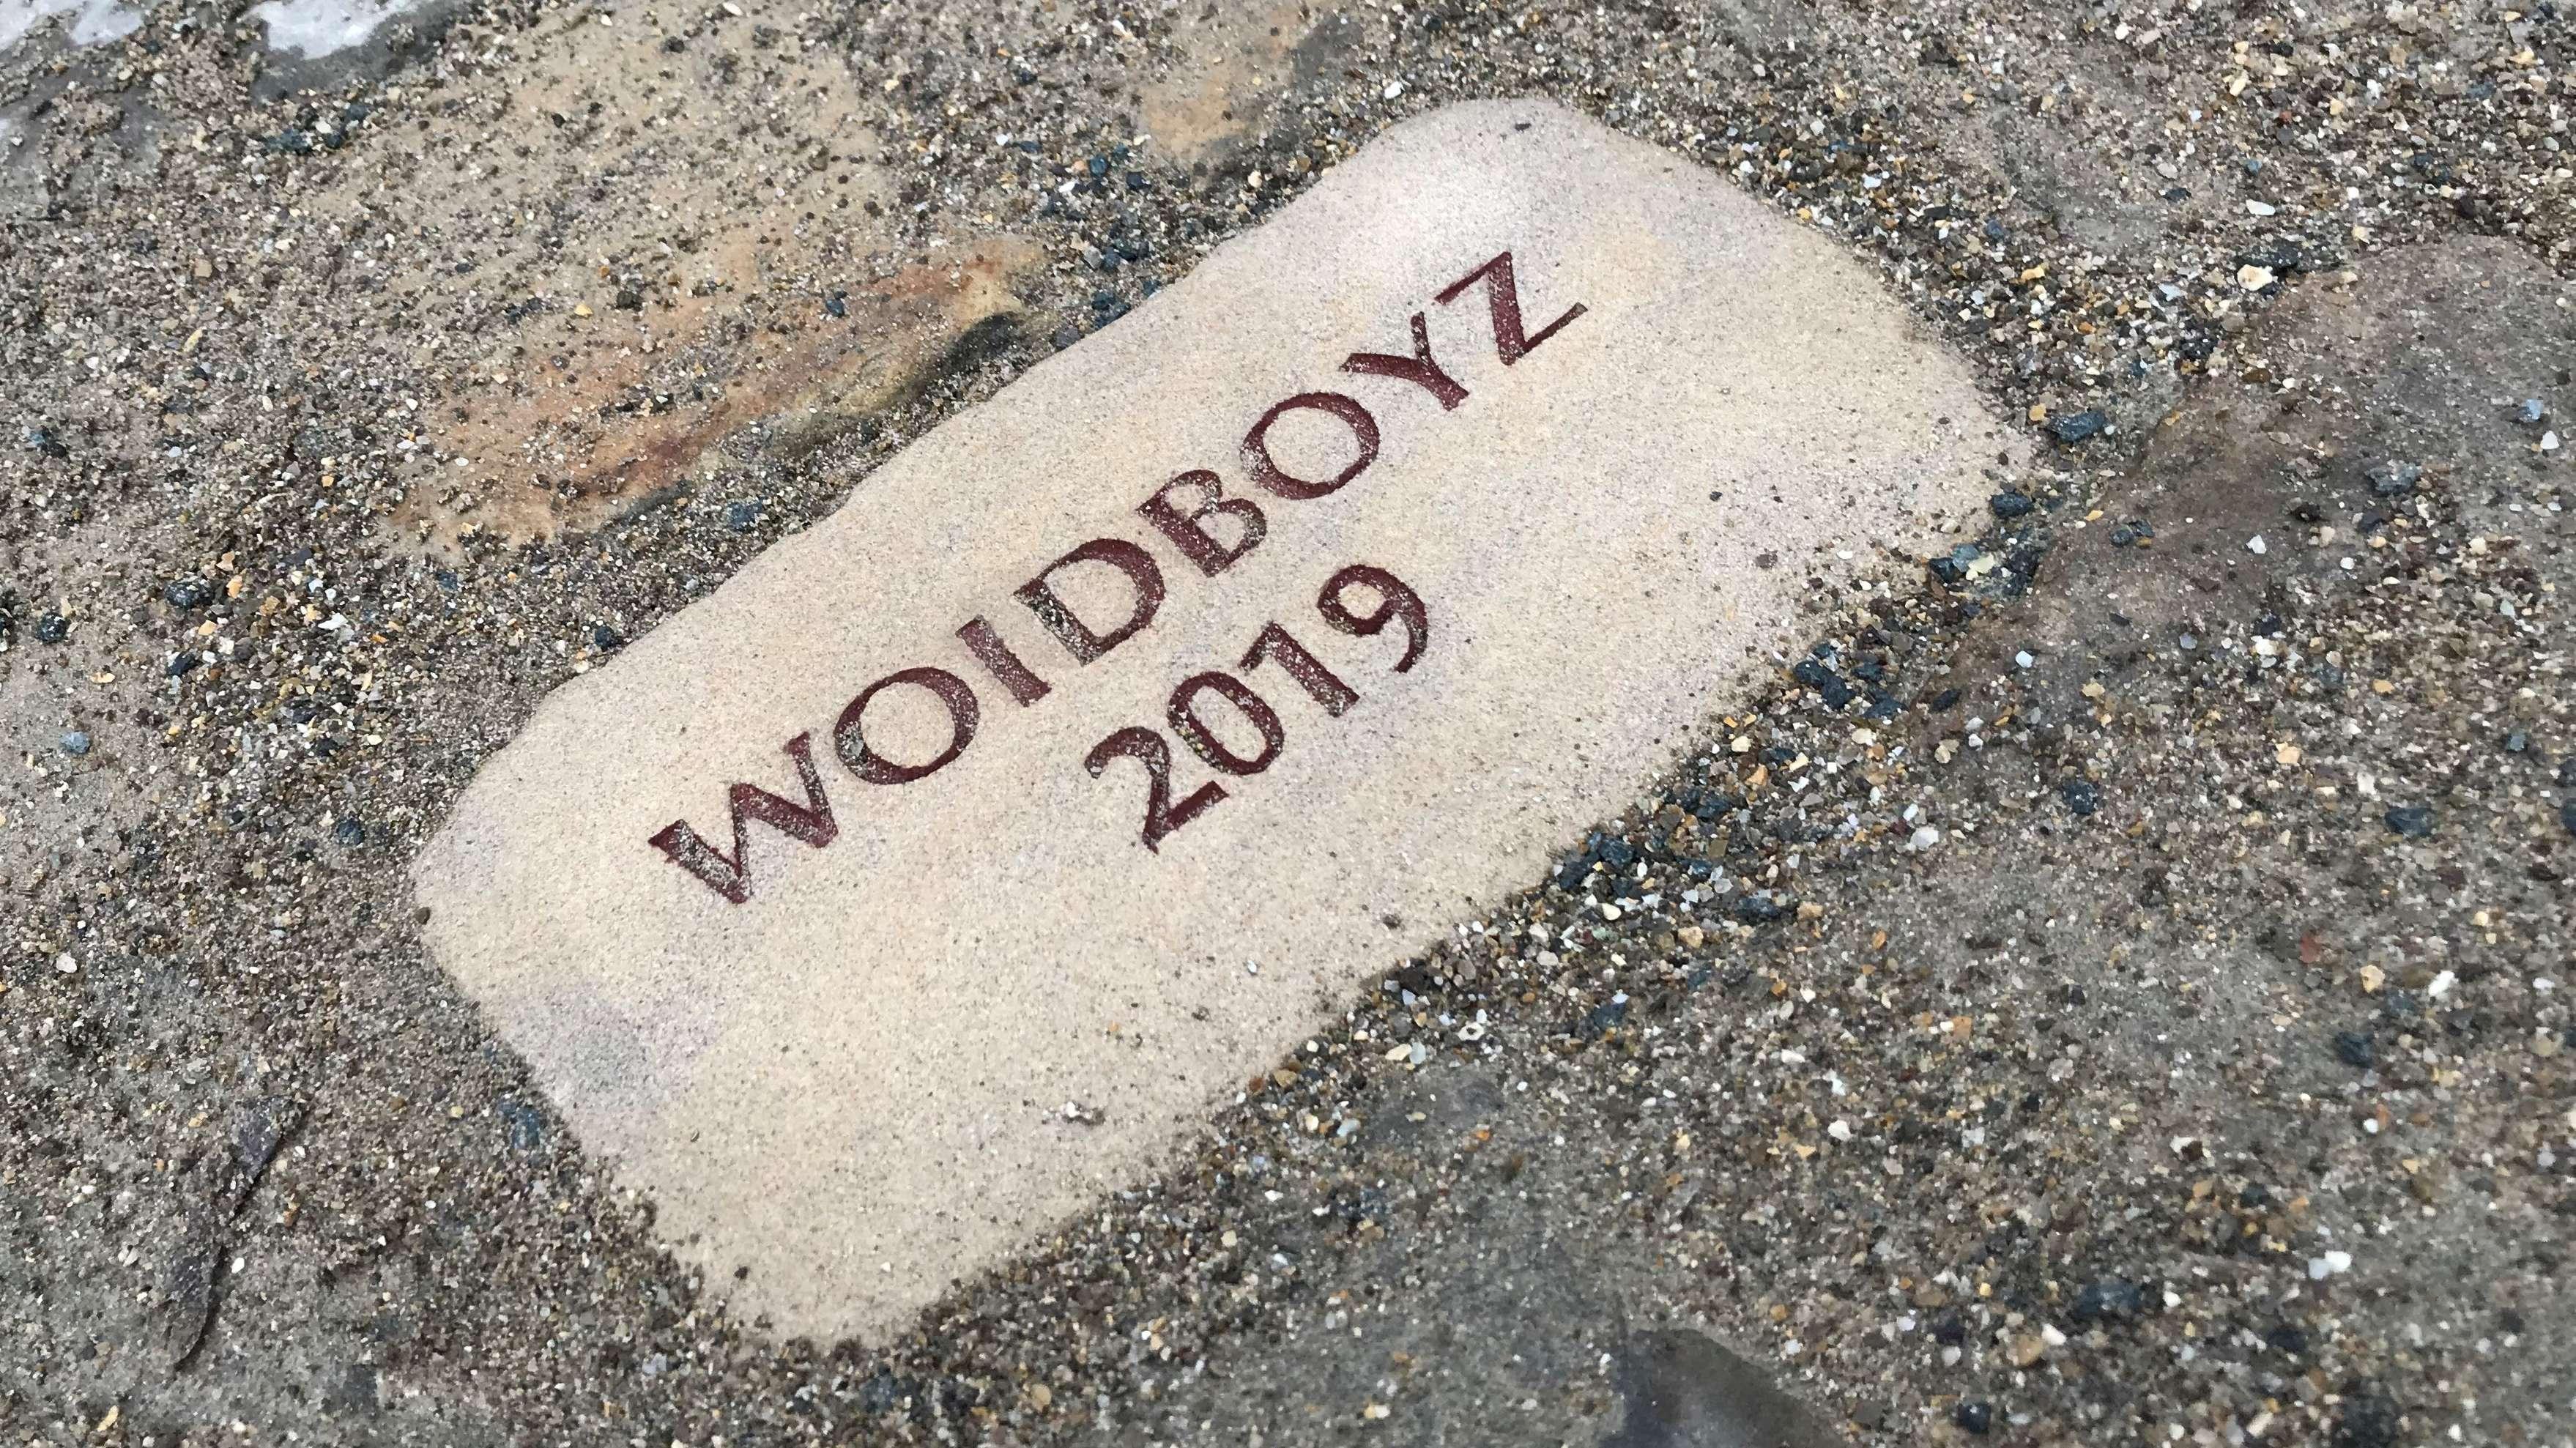 Der Woidboyz-Stein in Dinkelsbühl